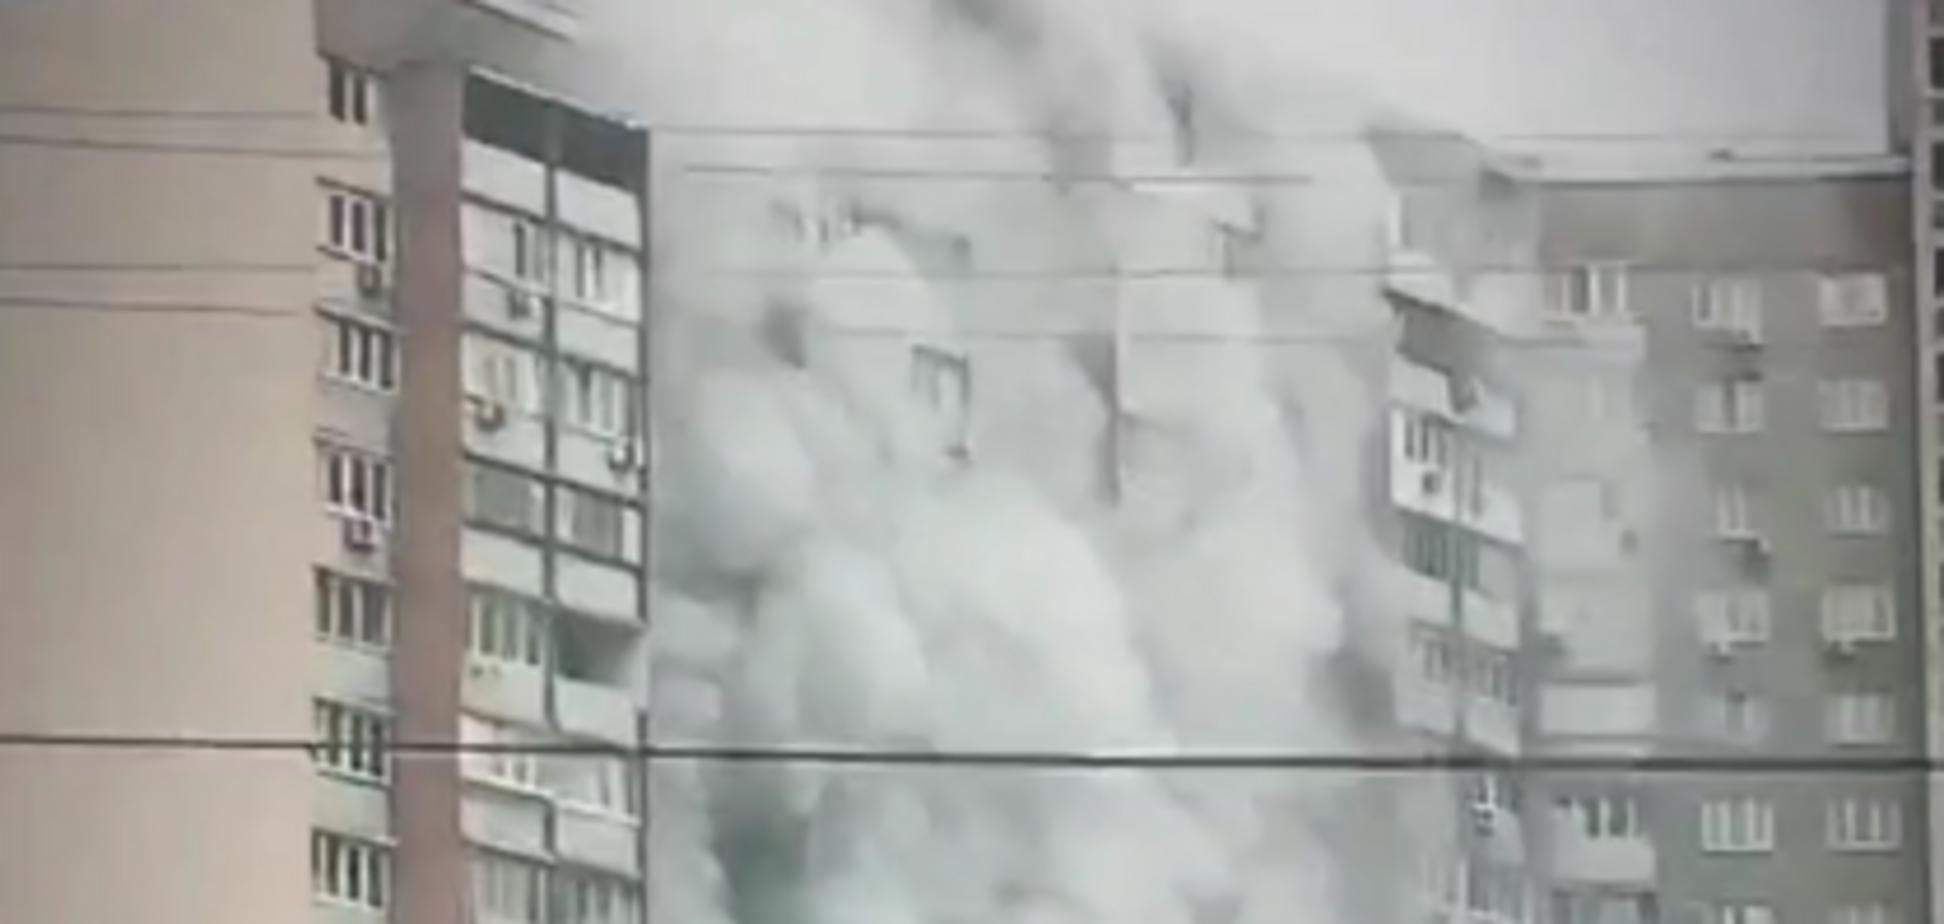 Валил черный дым: в Киеве горела многоэтажка. Видео и подробности ЧП